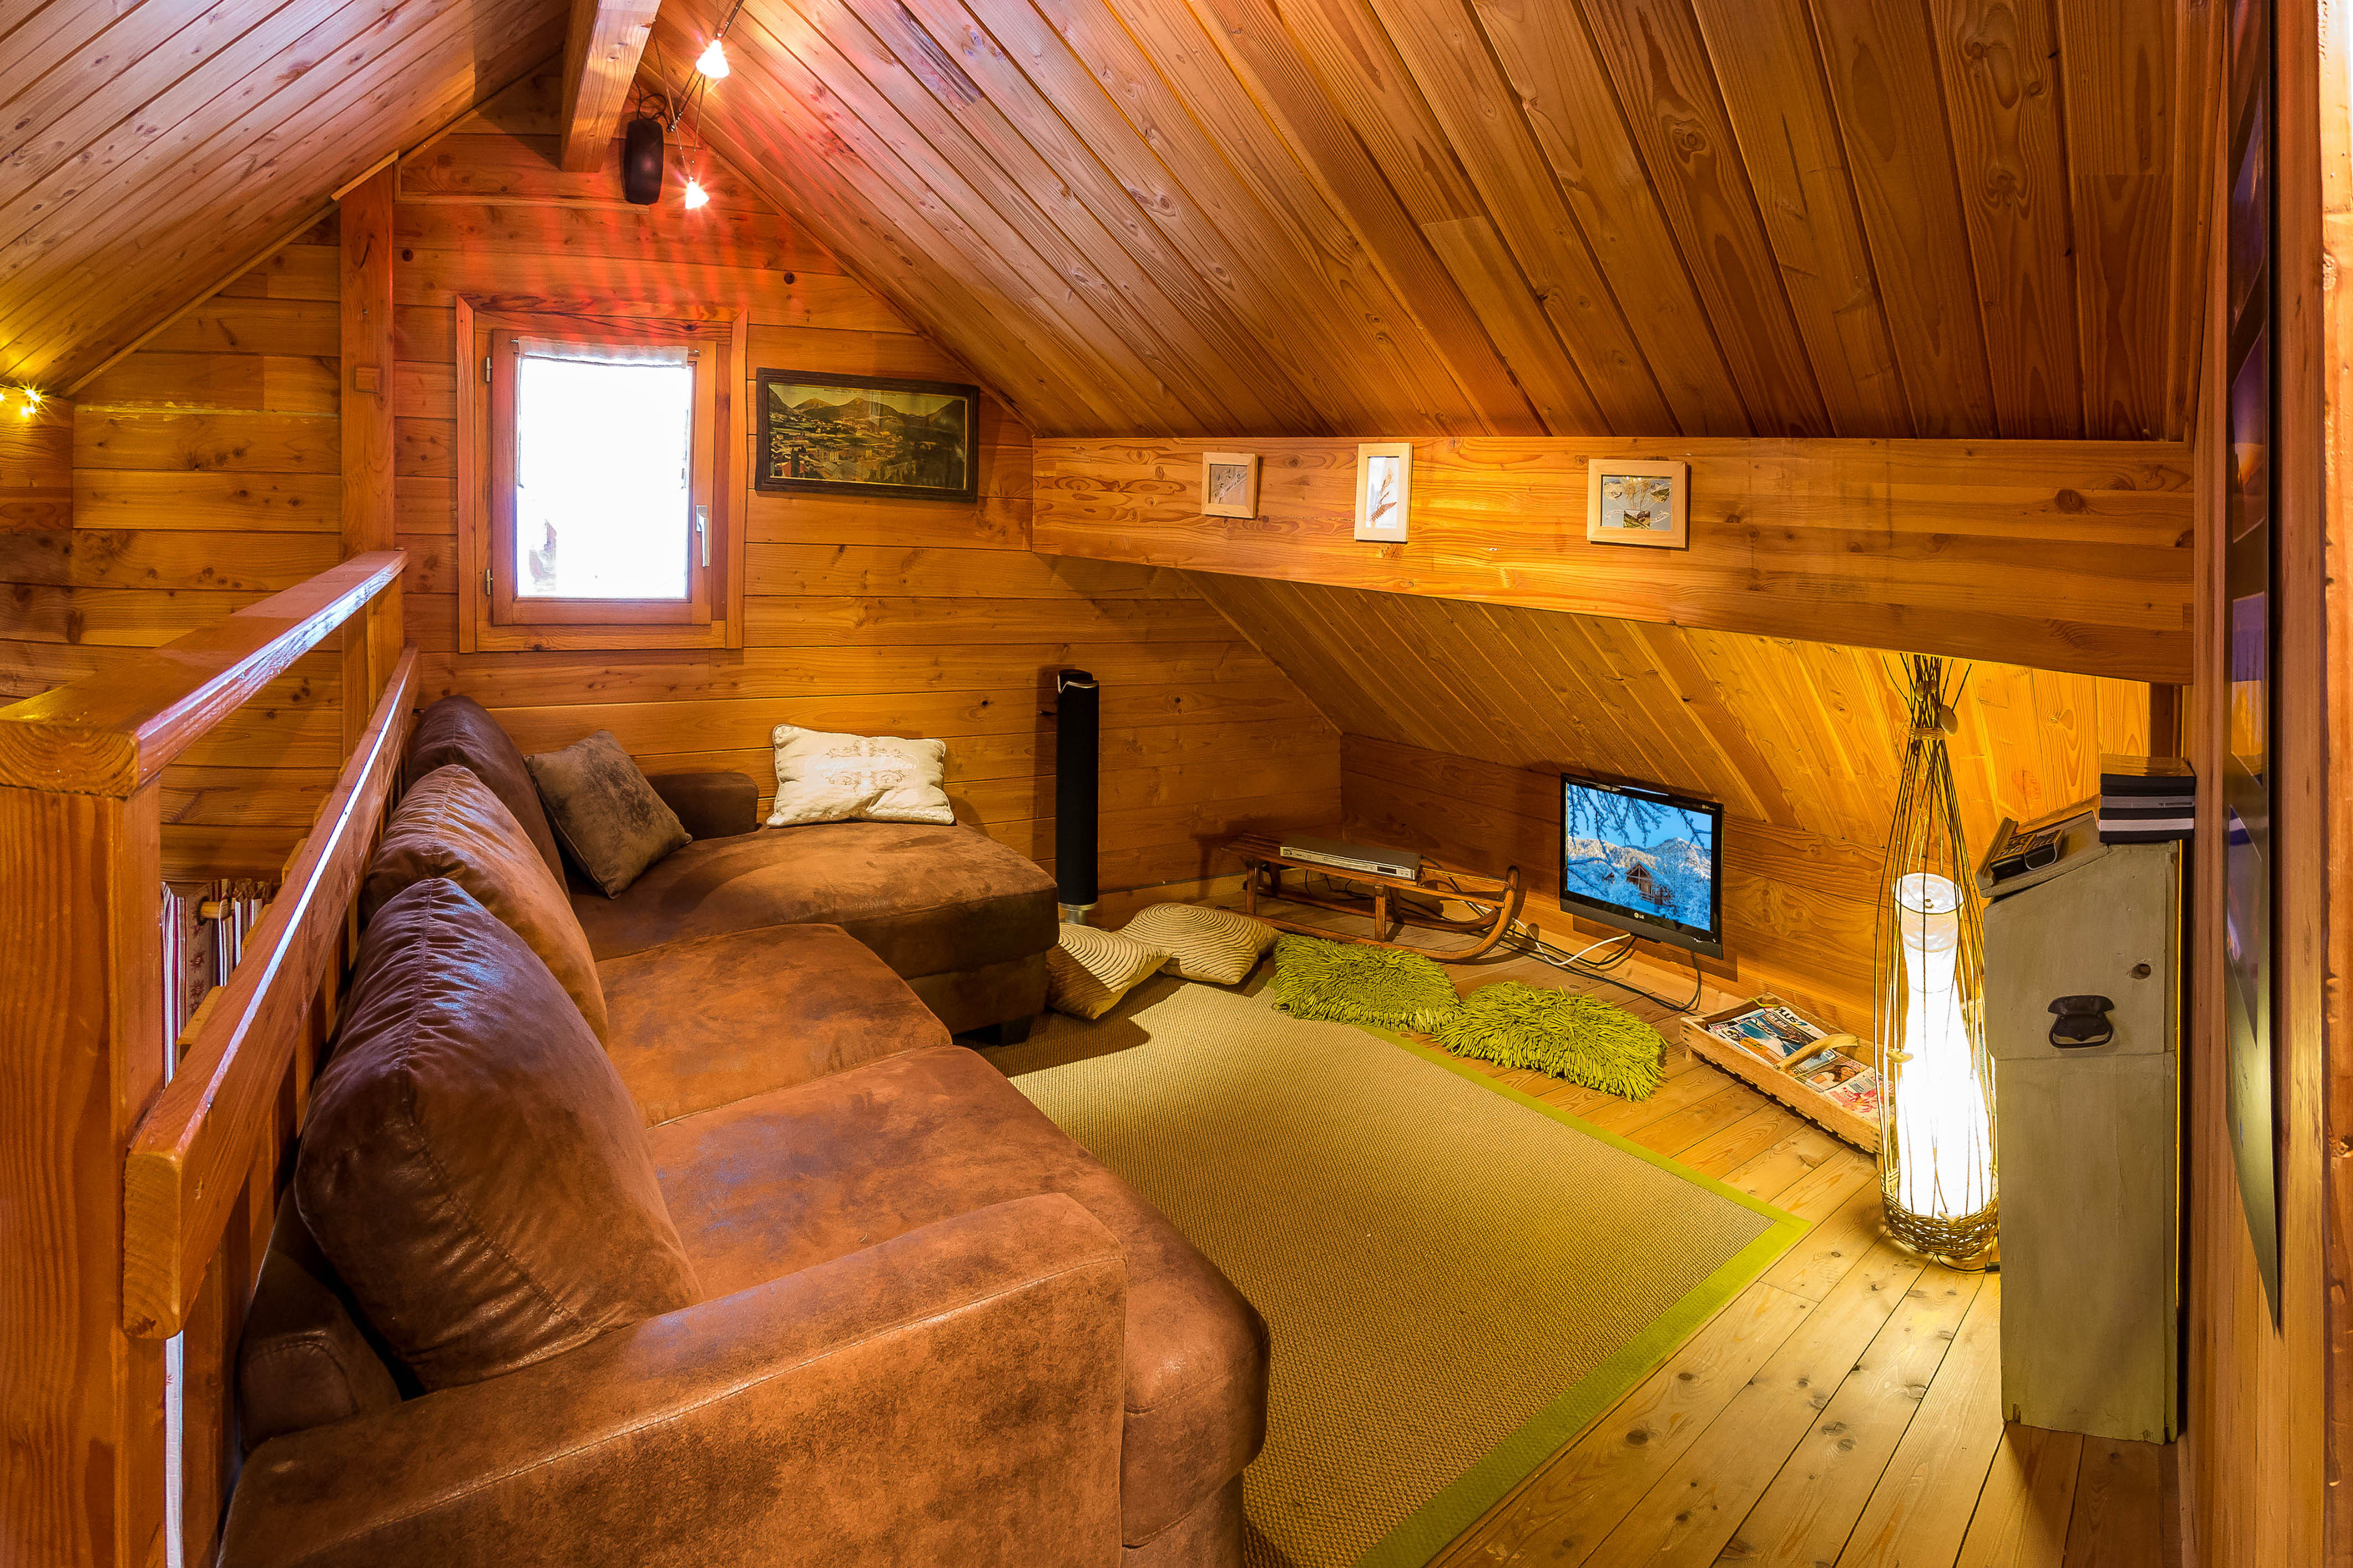 Mini Chalet En Bois accommodation features and amenities | chalet carpe diem